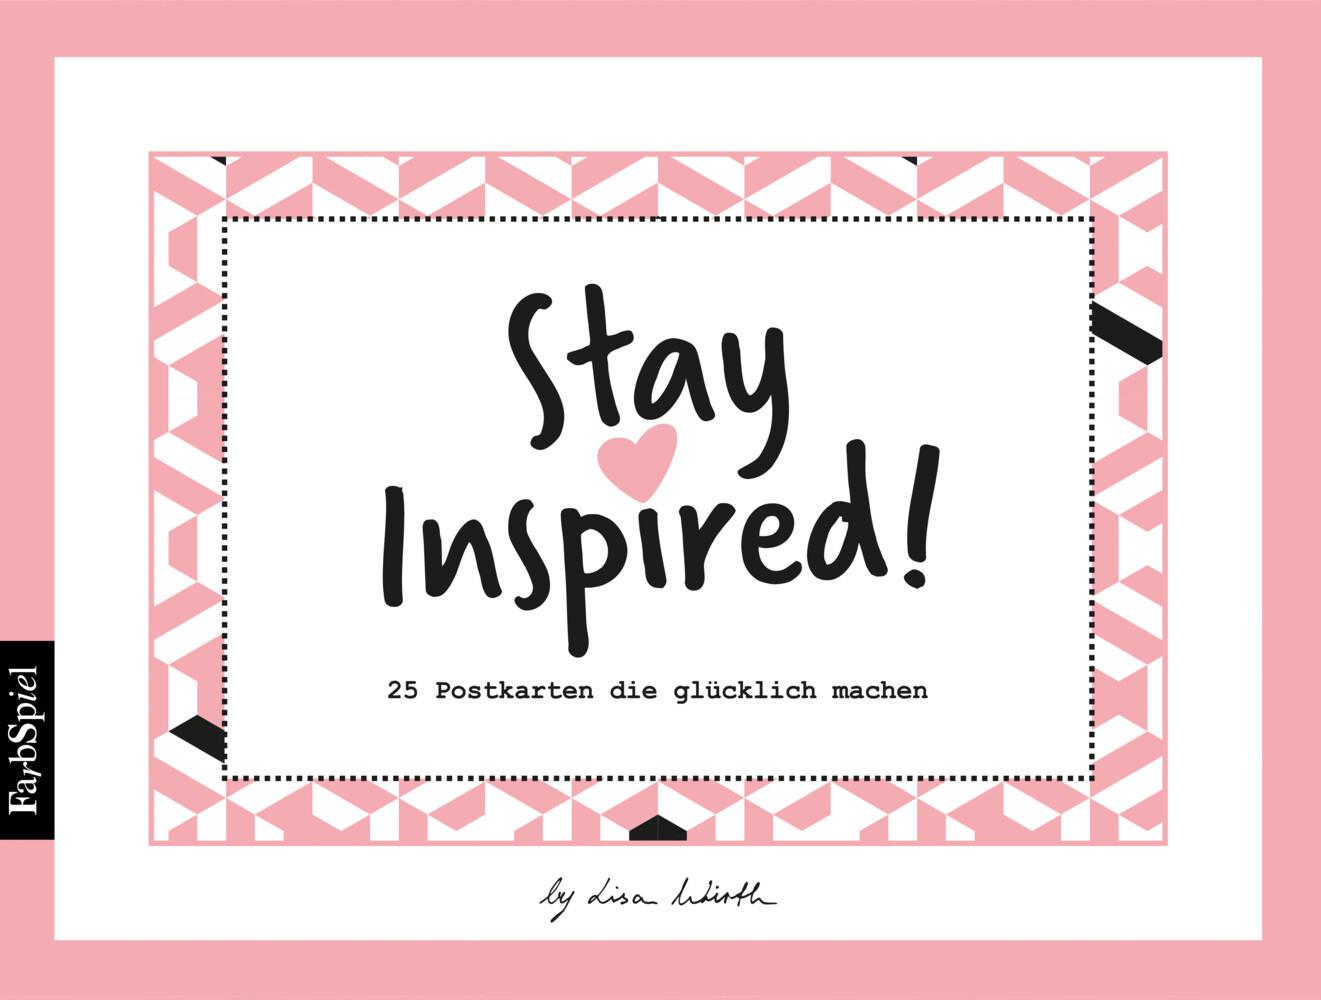 postkarten spr che postkarten set mit 25 hochwertigen versch liebevollen motiven und. Black Bedroom Furniture Sets. Home Design Ideas